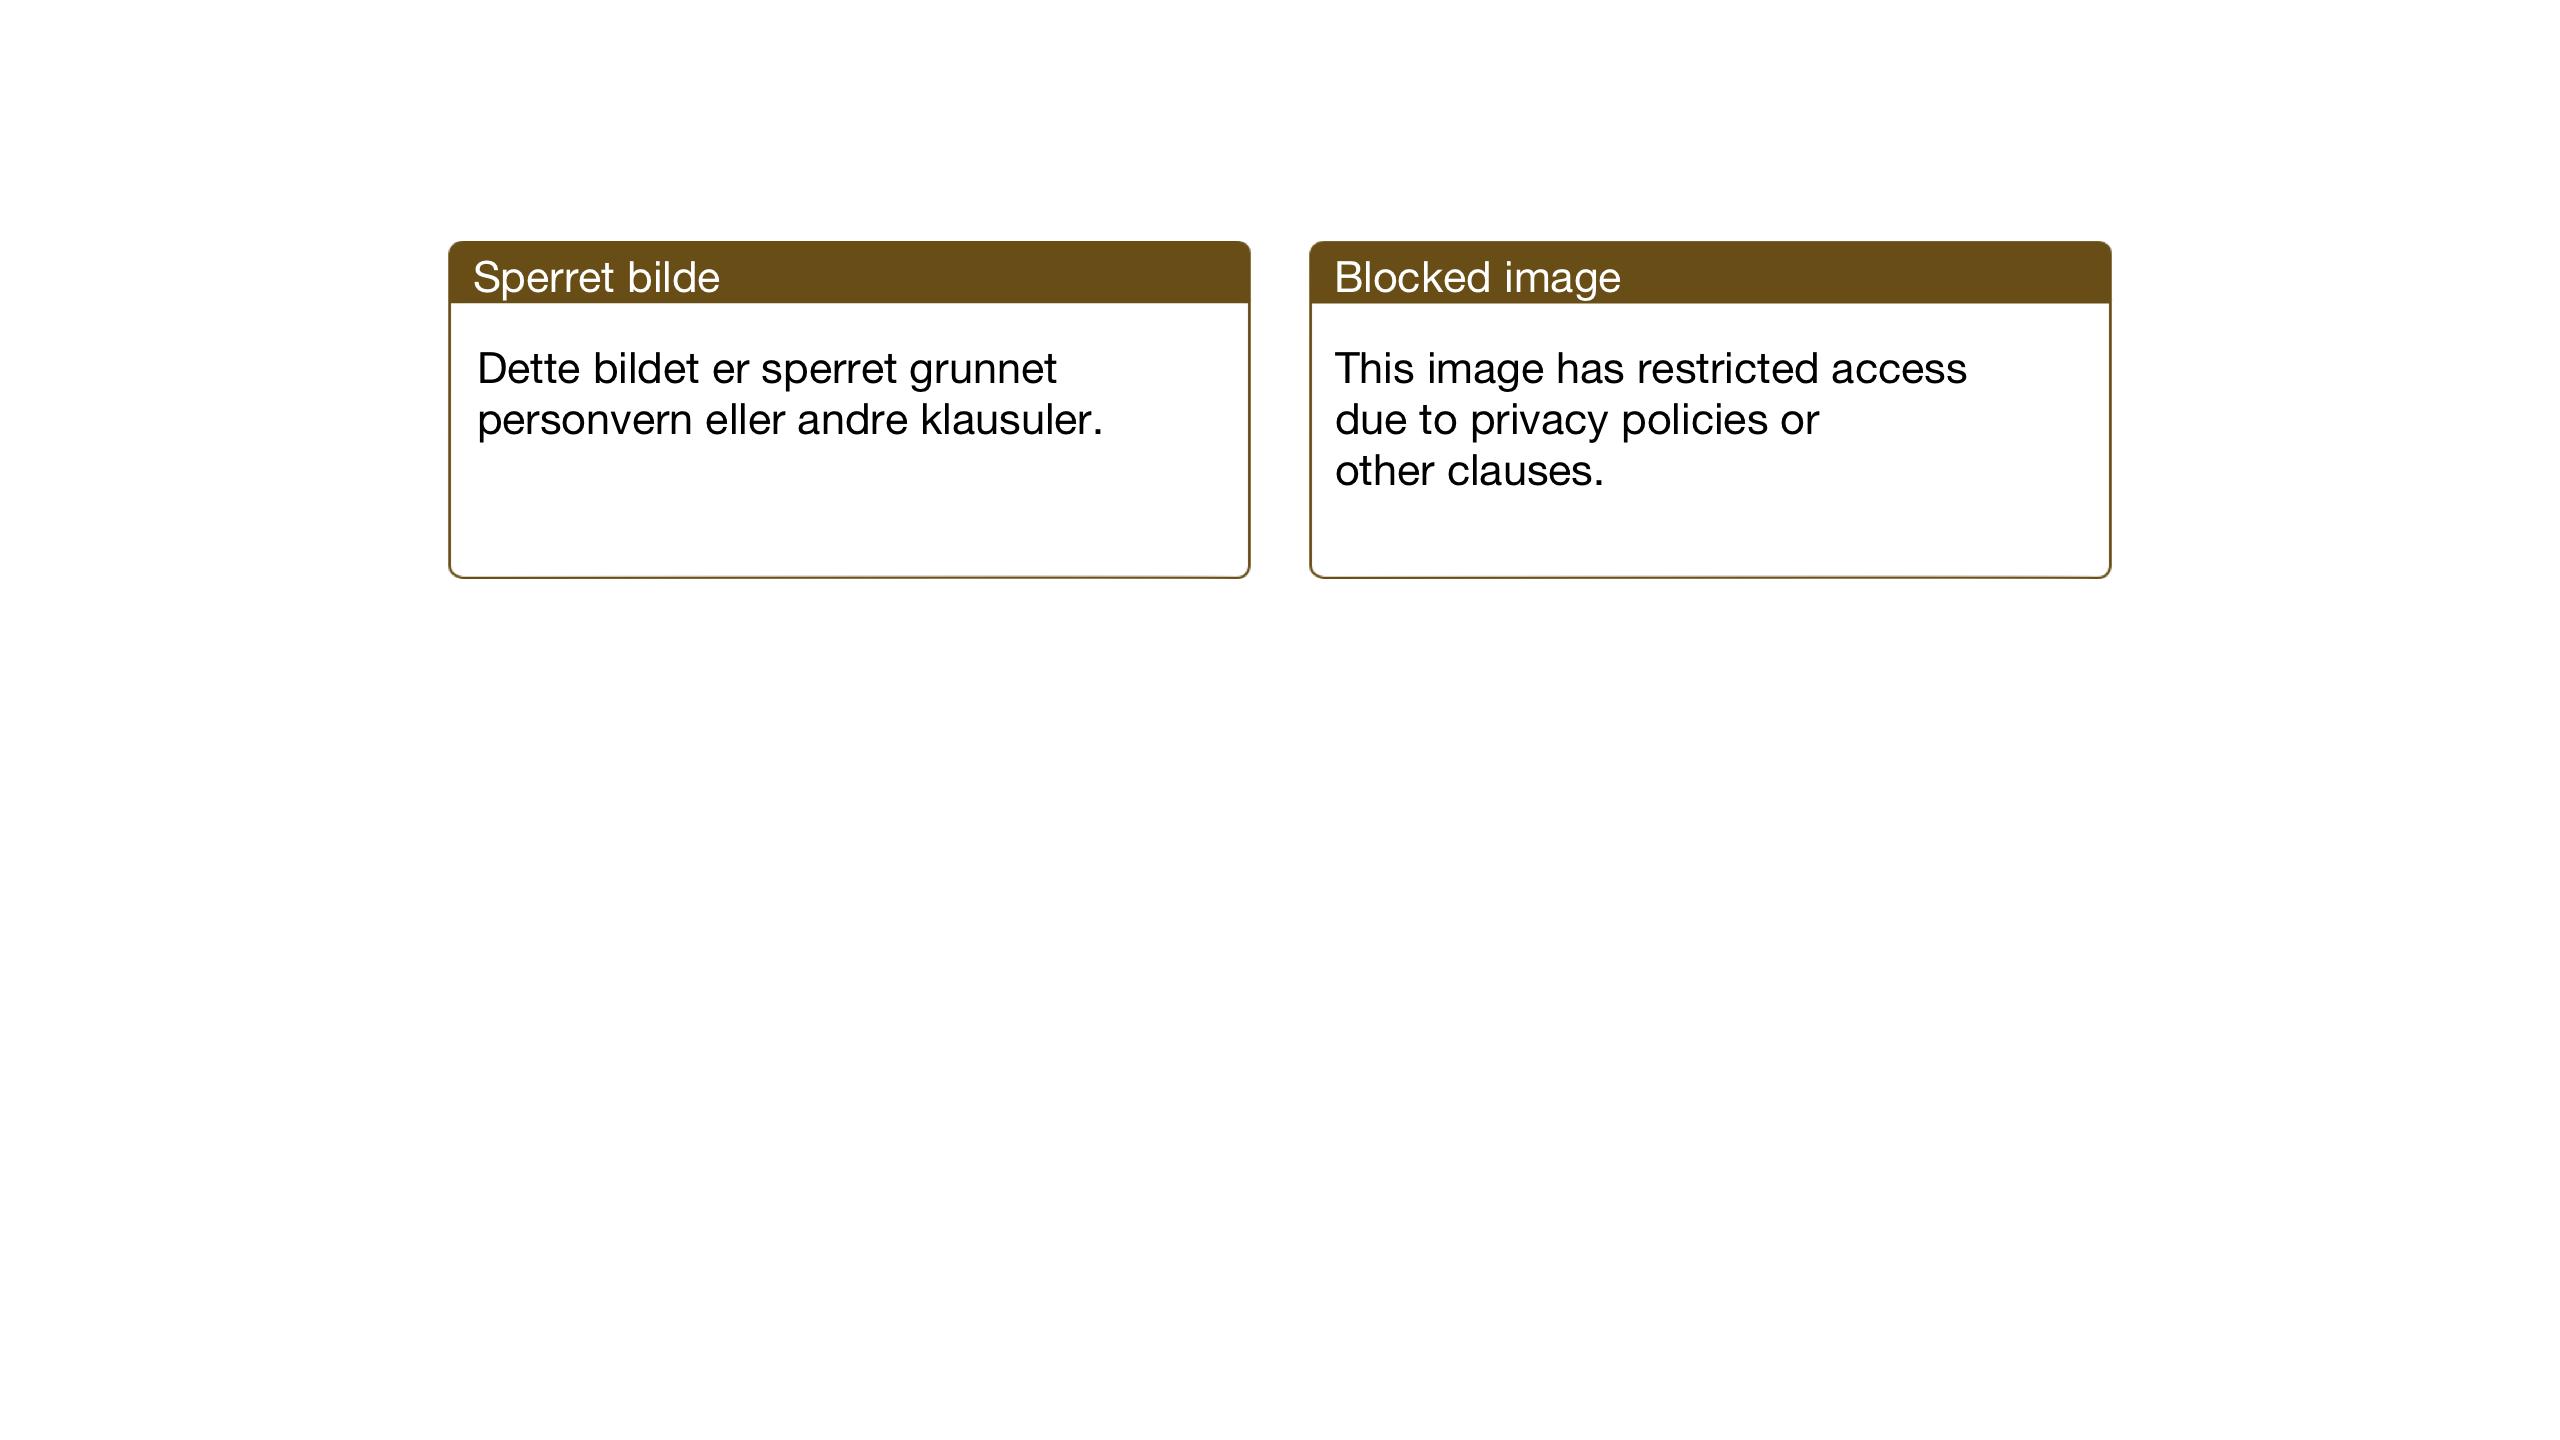 SAT, Ministerialprotokoller, klokkerbøker og fødselsregistre - Nord-Trøndelag, 786/L0689: Klokkerbok nr. 786C01, 1940-1948, s. 60-61